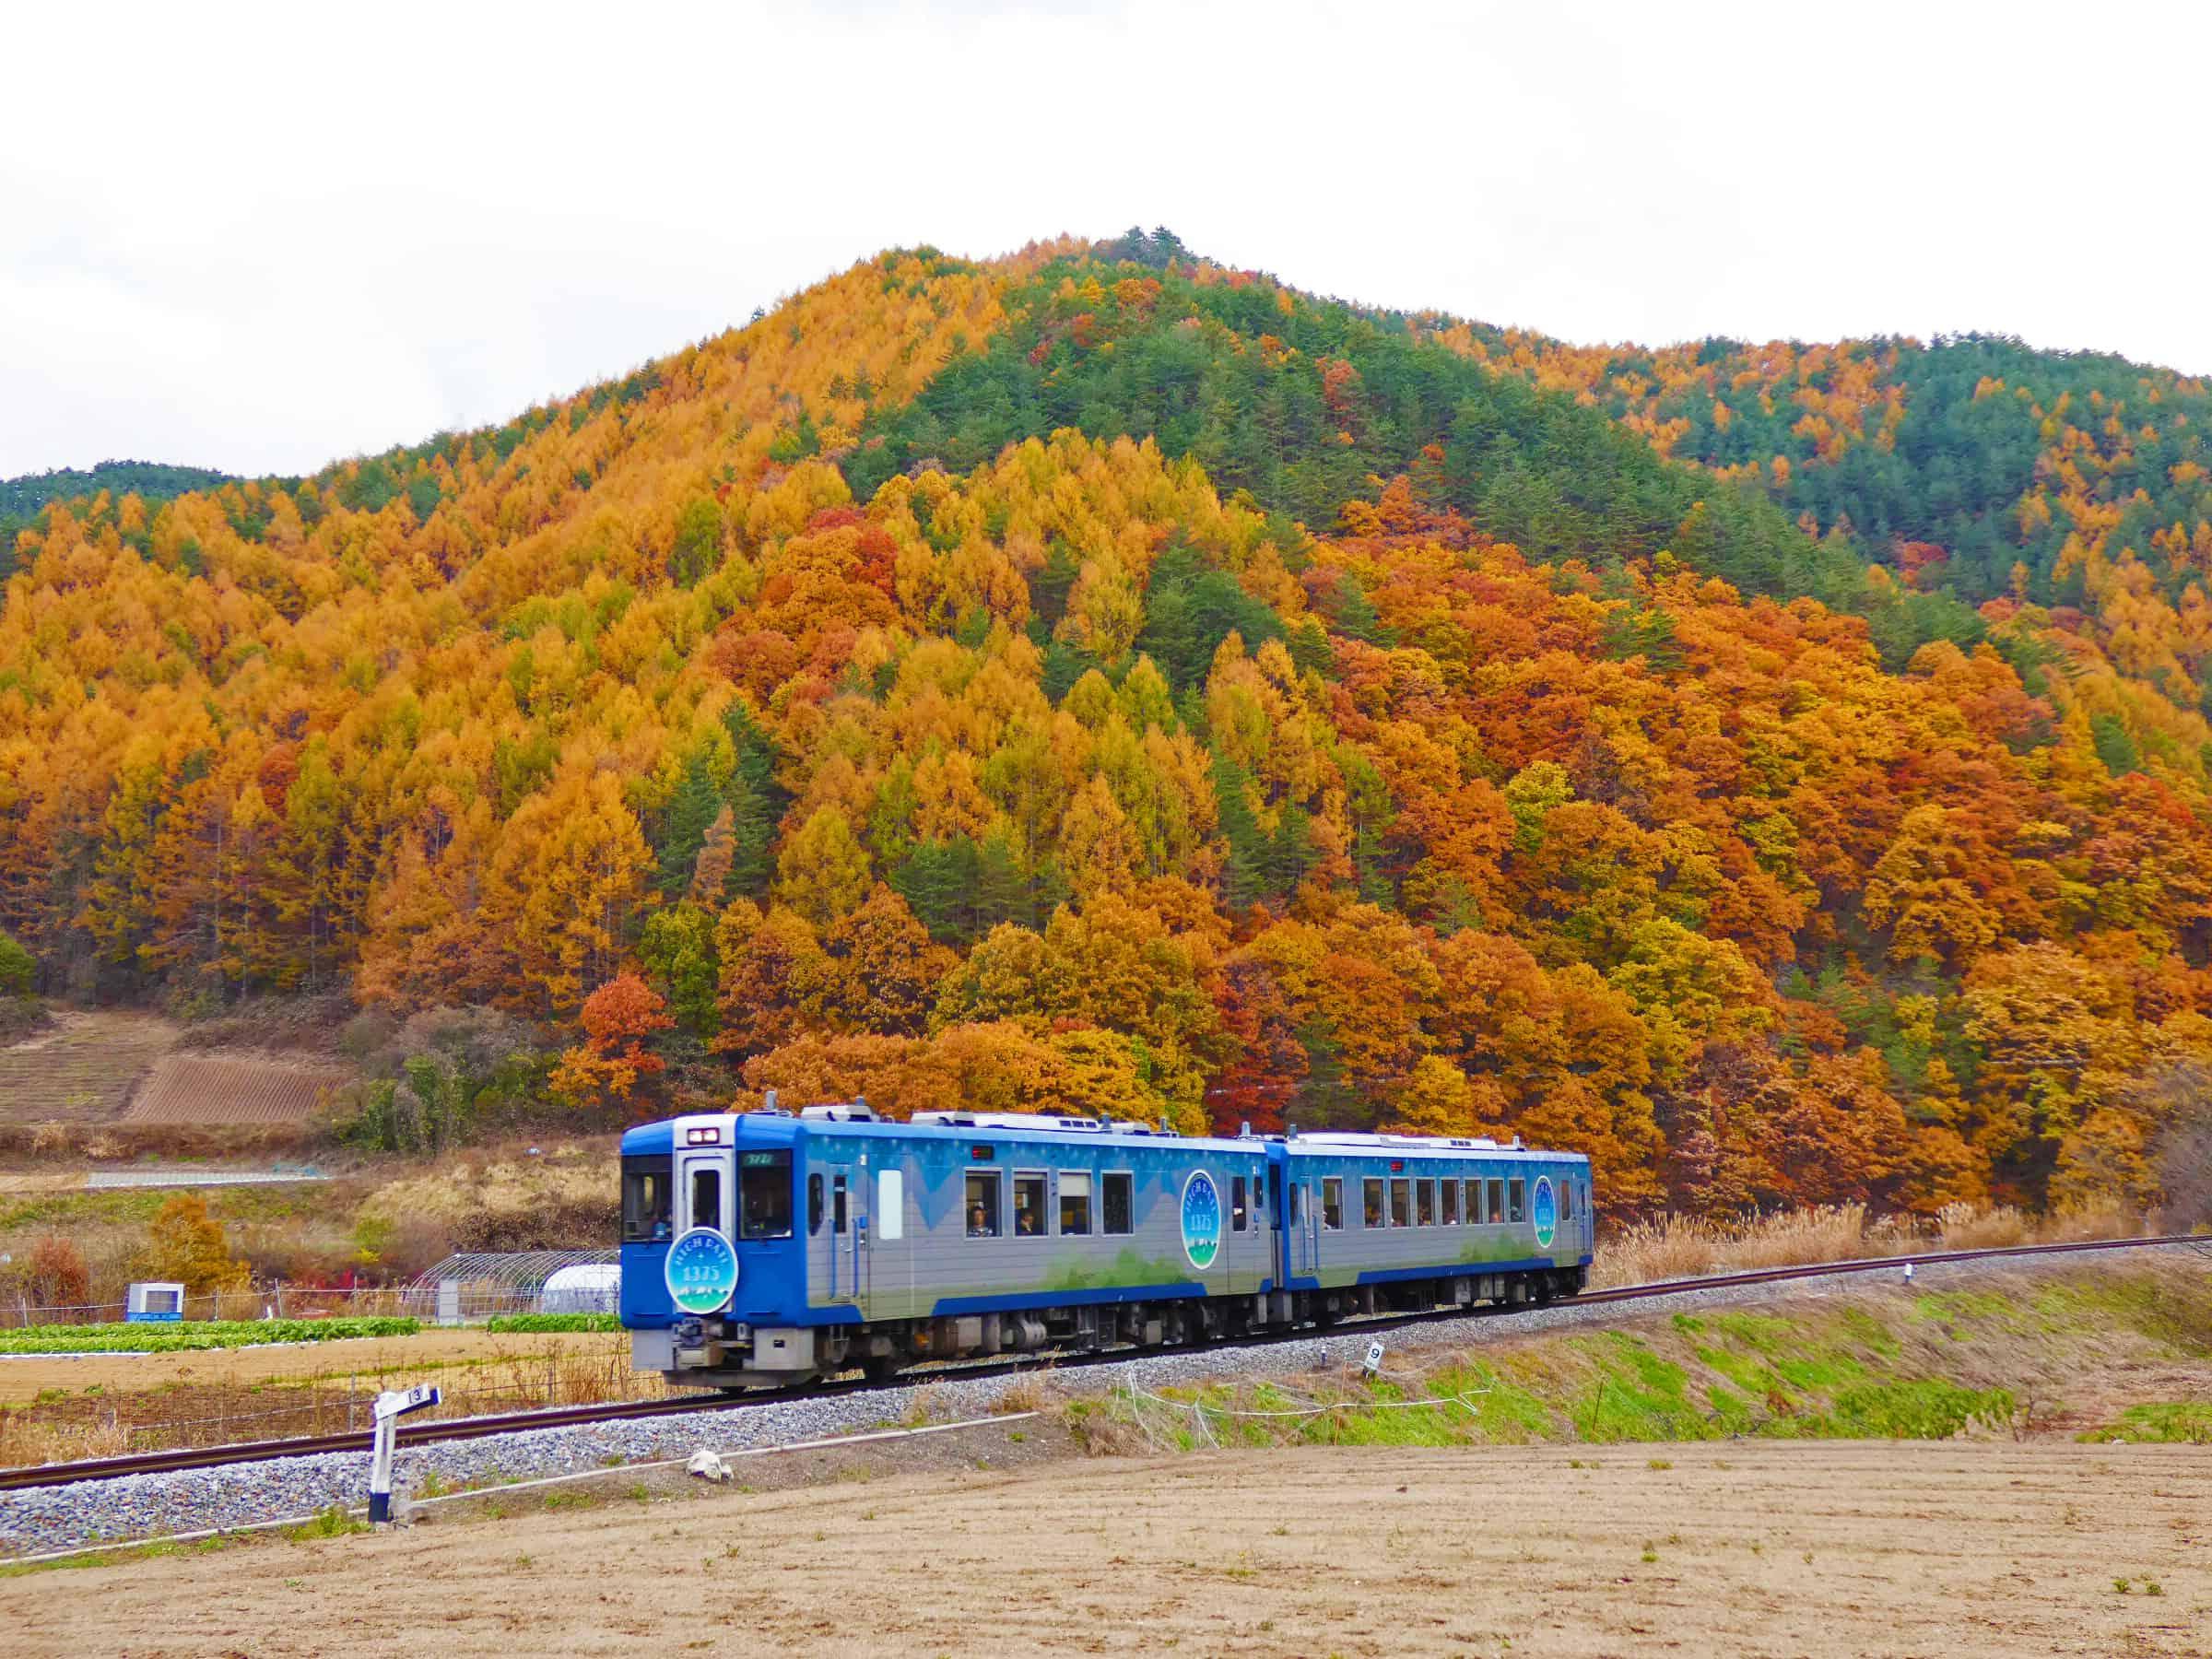 รถไฟ HIGH RAIL 1375 ที่แล่นผ่านธรรมชาติในฤดูใบไม้ร่วง